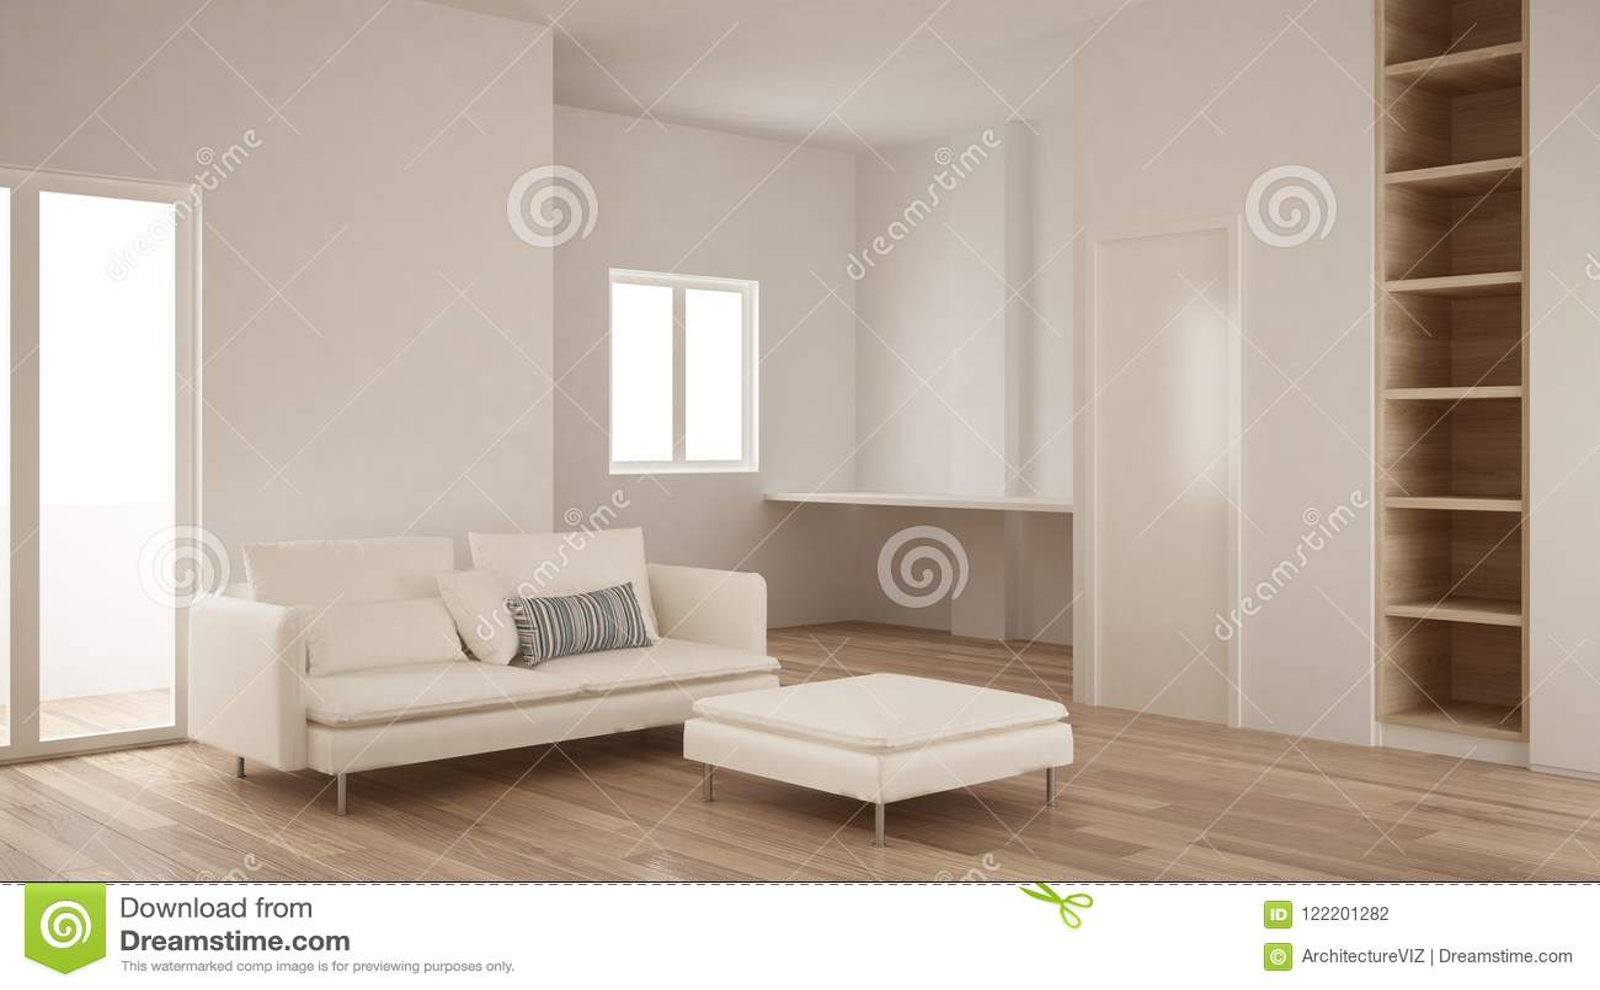 Minimalisme Conception Interieure Moderne De Salon Avec L